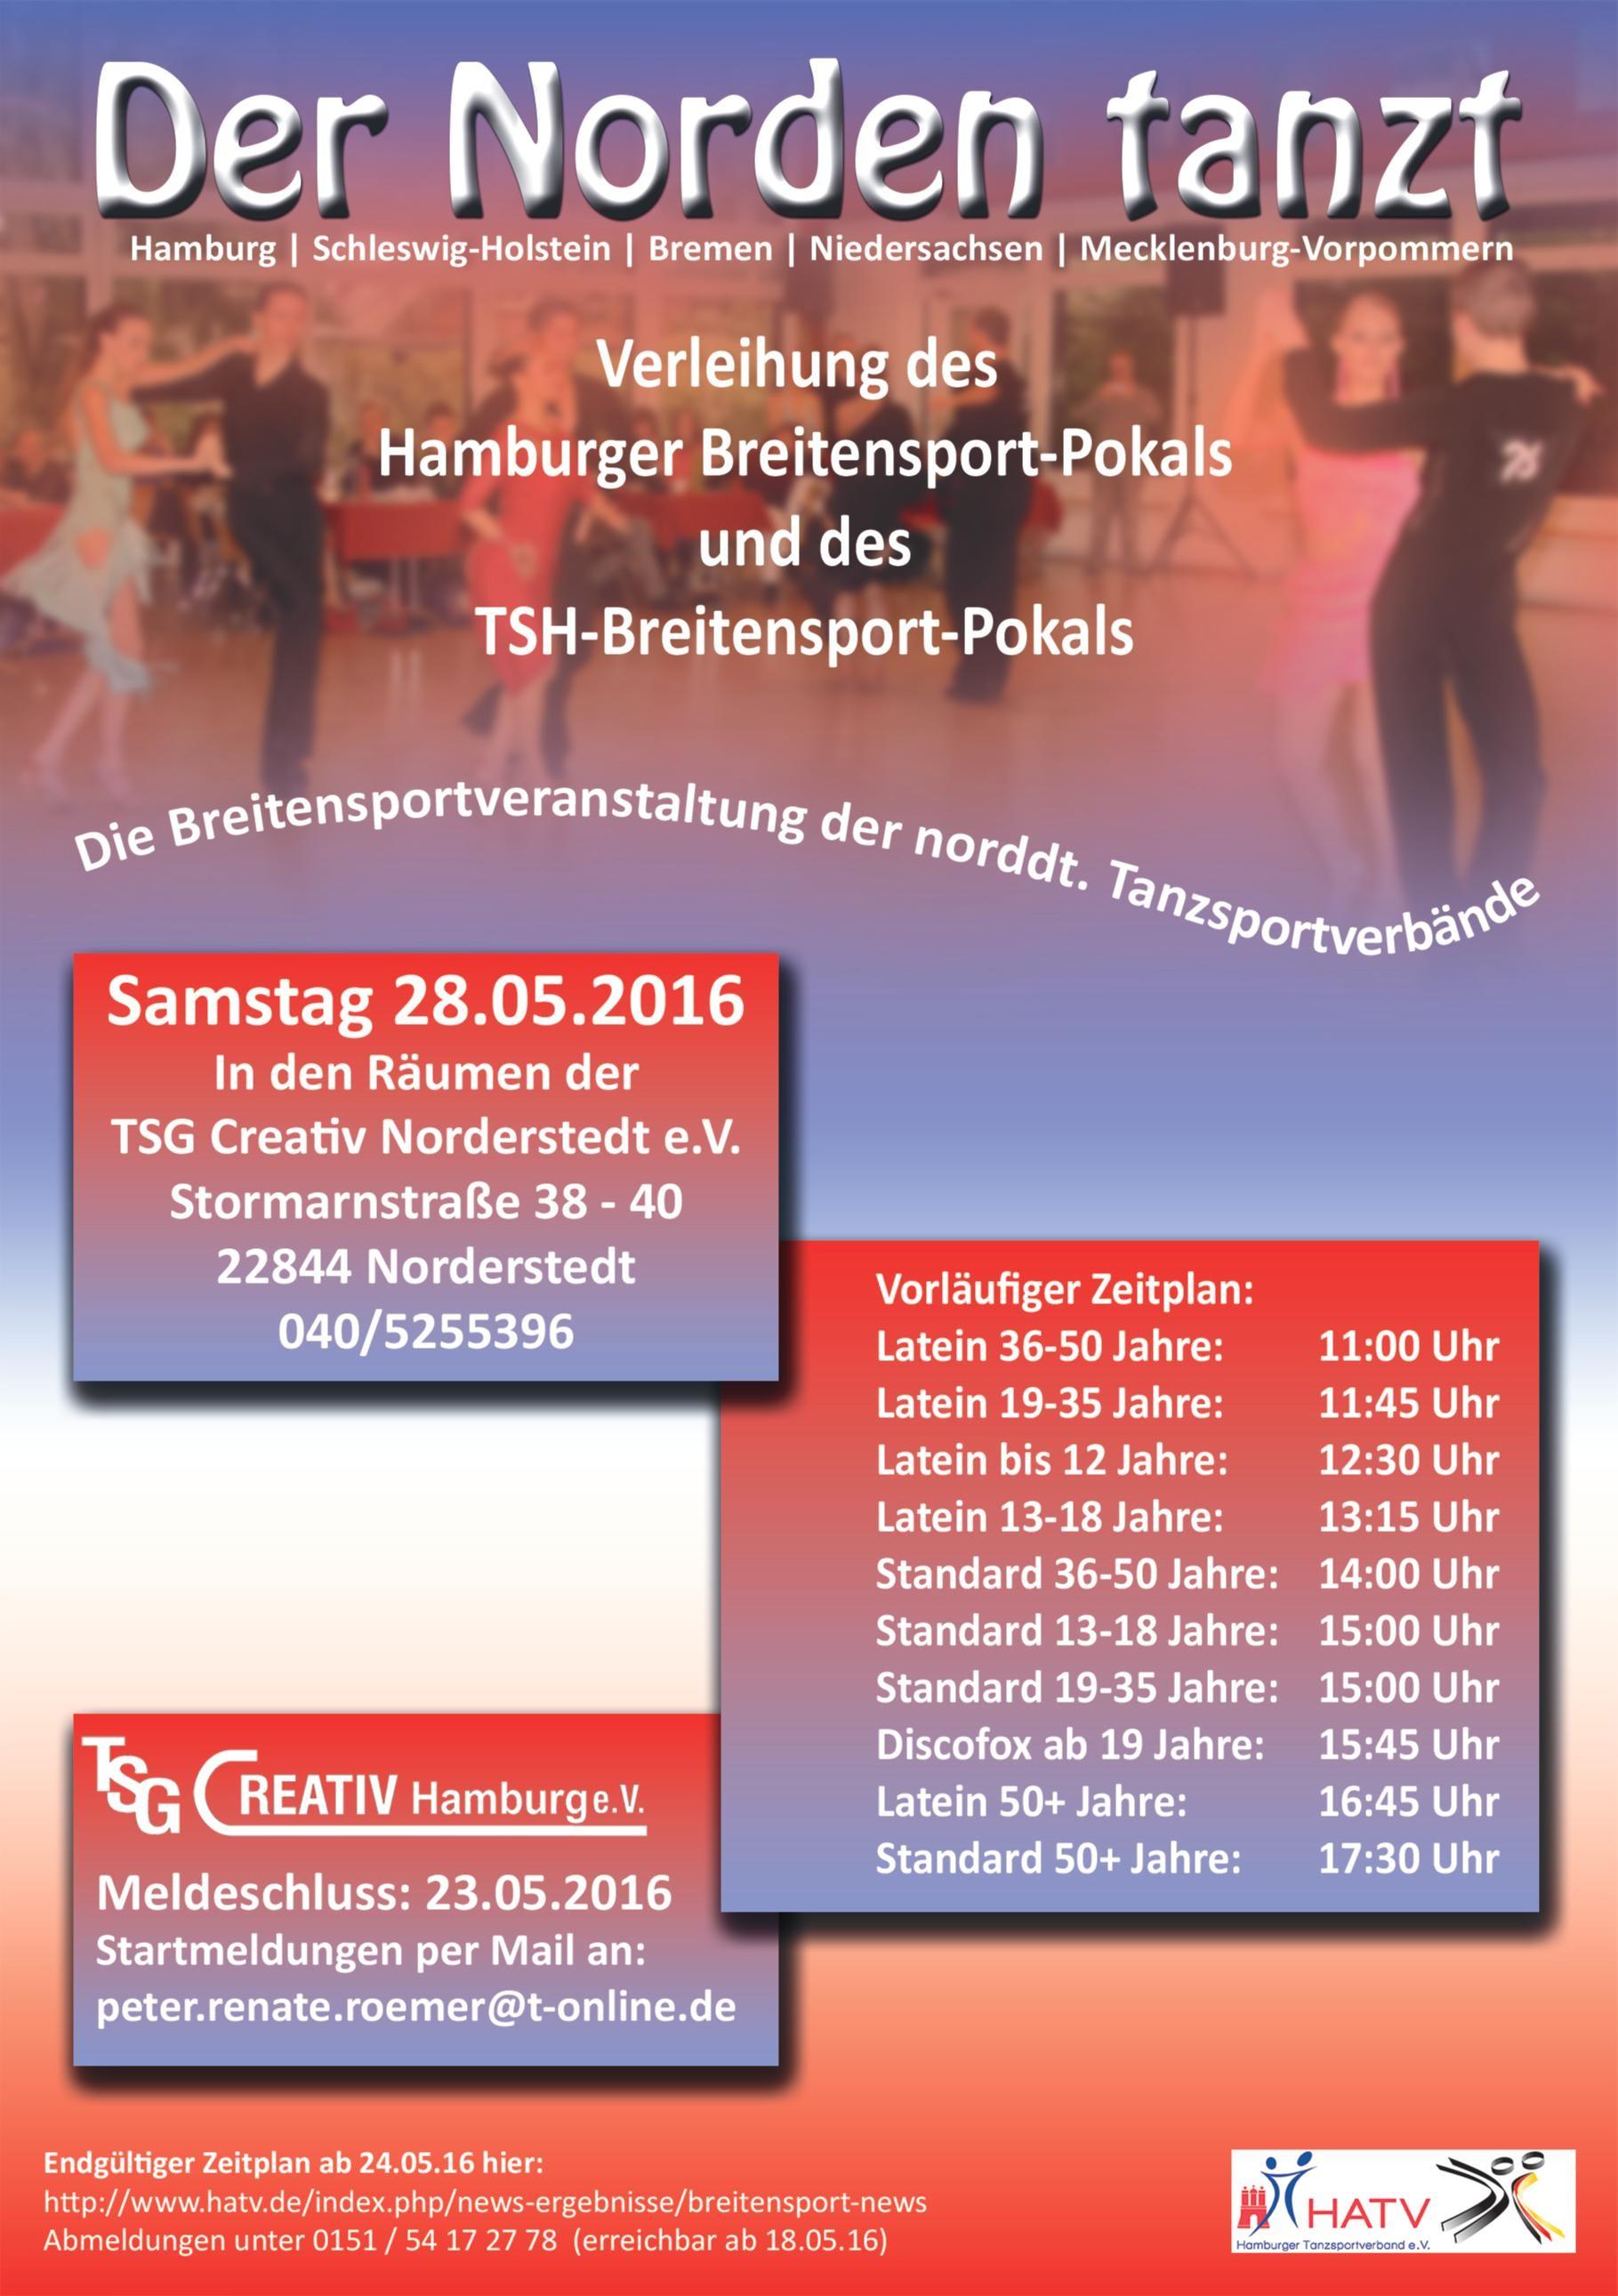 Der Norden tanzt am 28.05.2016 - tsg-creativ-norderstedt Jimdo-Page!